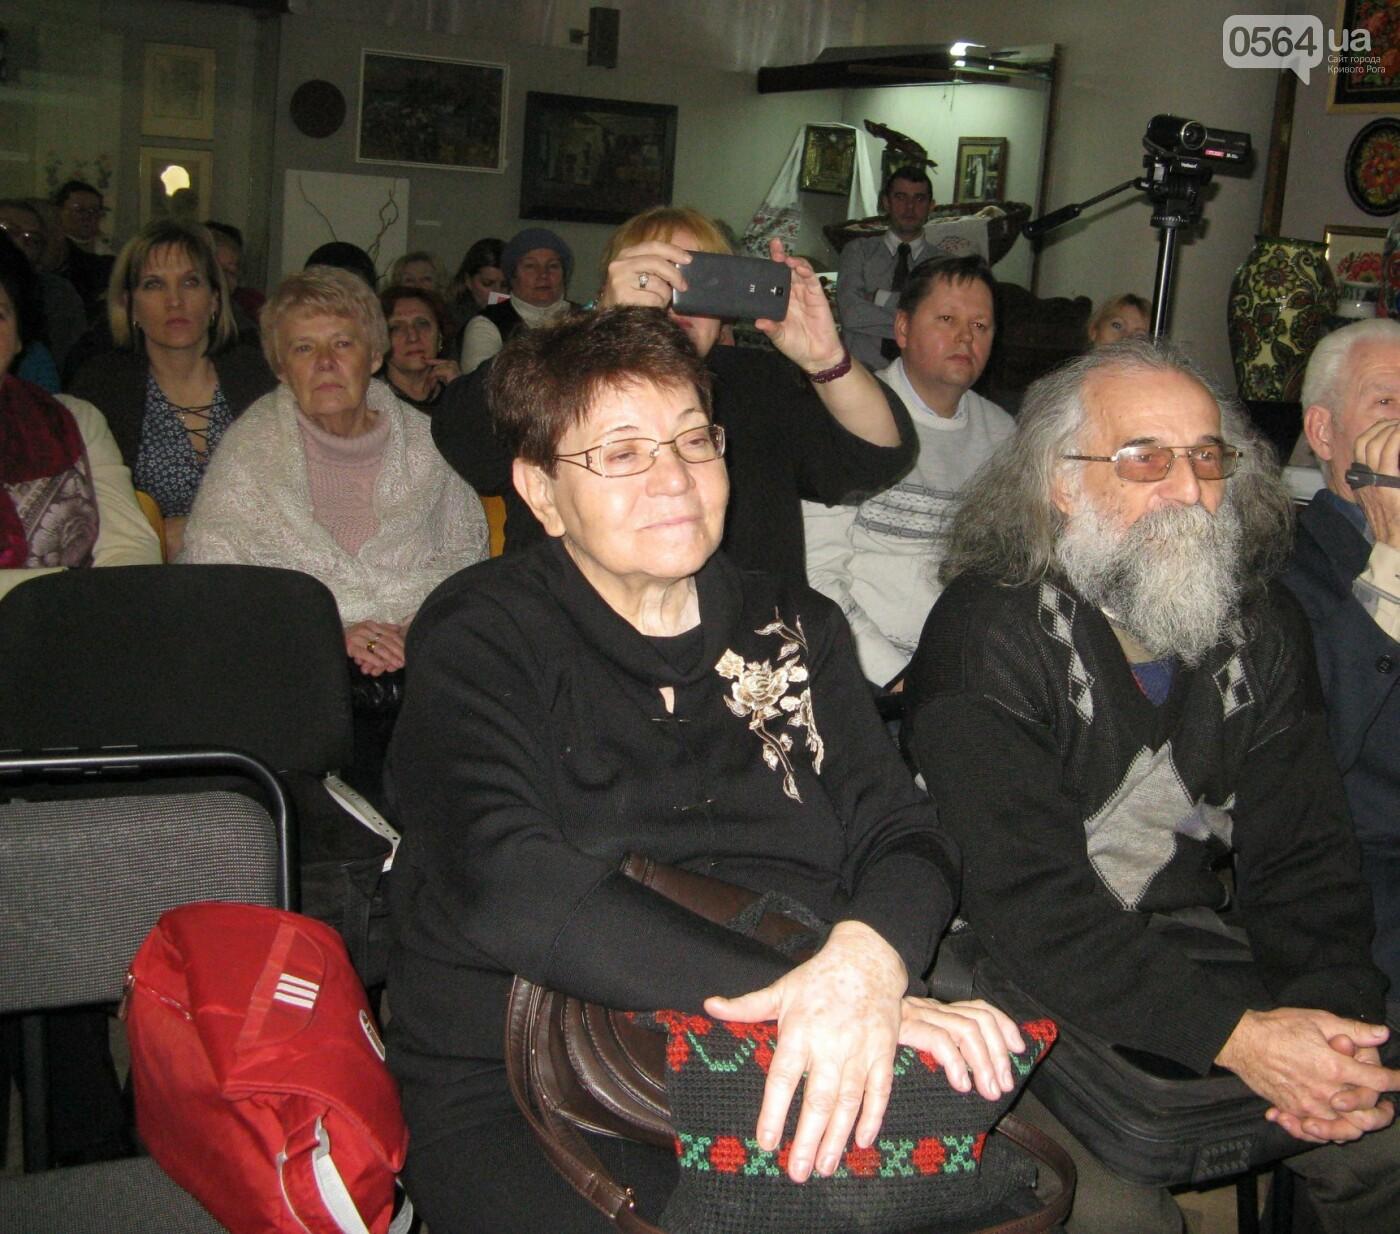 В криворожском музее открылась выставка артефактов, среди которых петля Бога Яма (ФОТО, ВИДЕО), фото-7